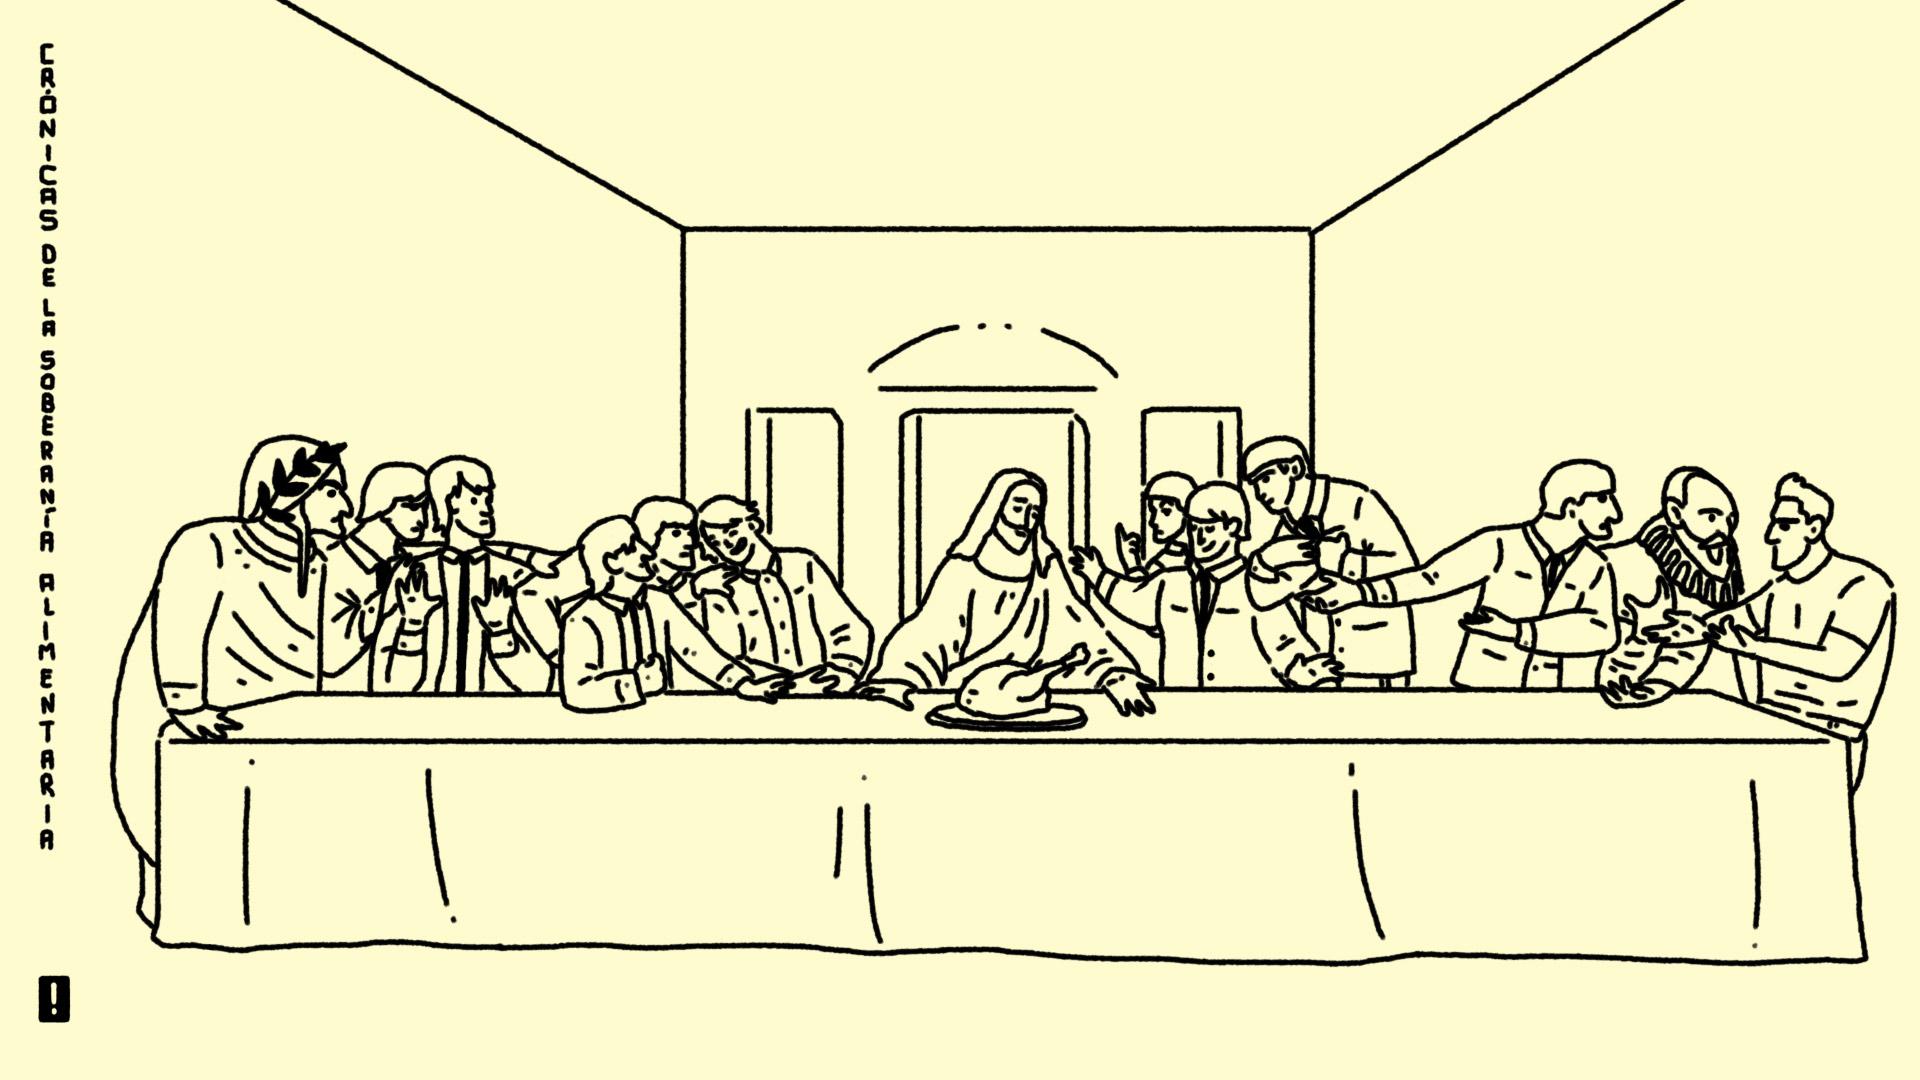 ¿Por qué carajos nos clavaron a Jesús en el himno?